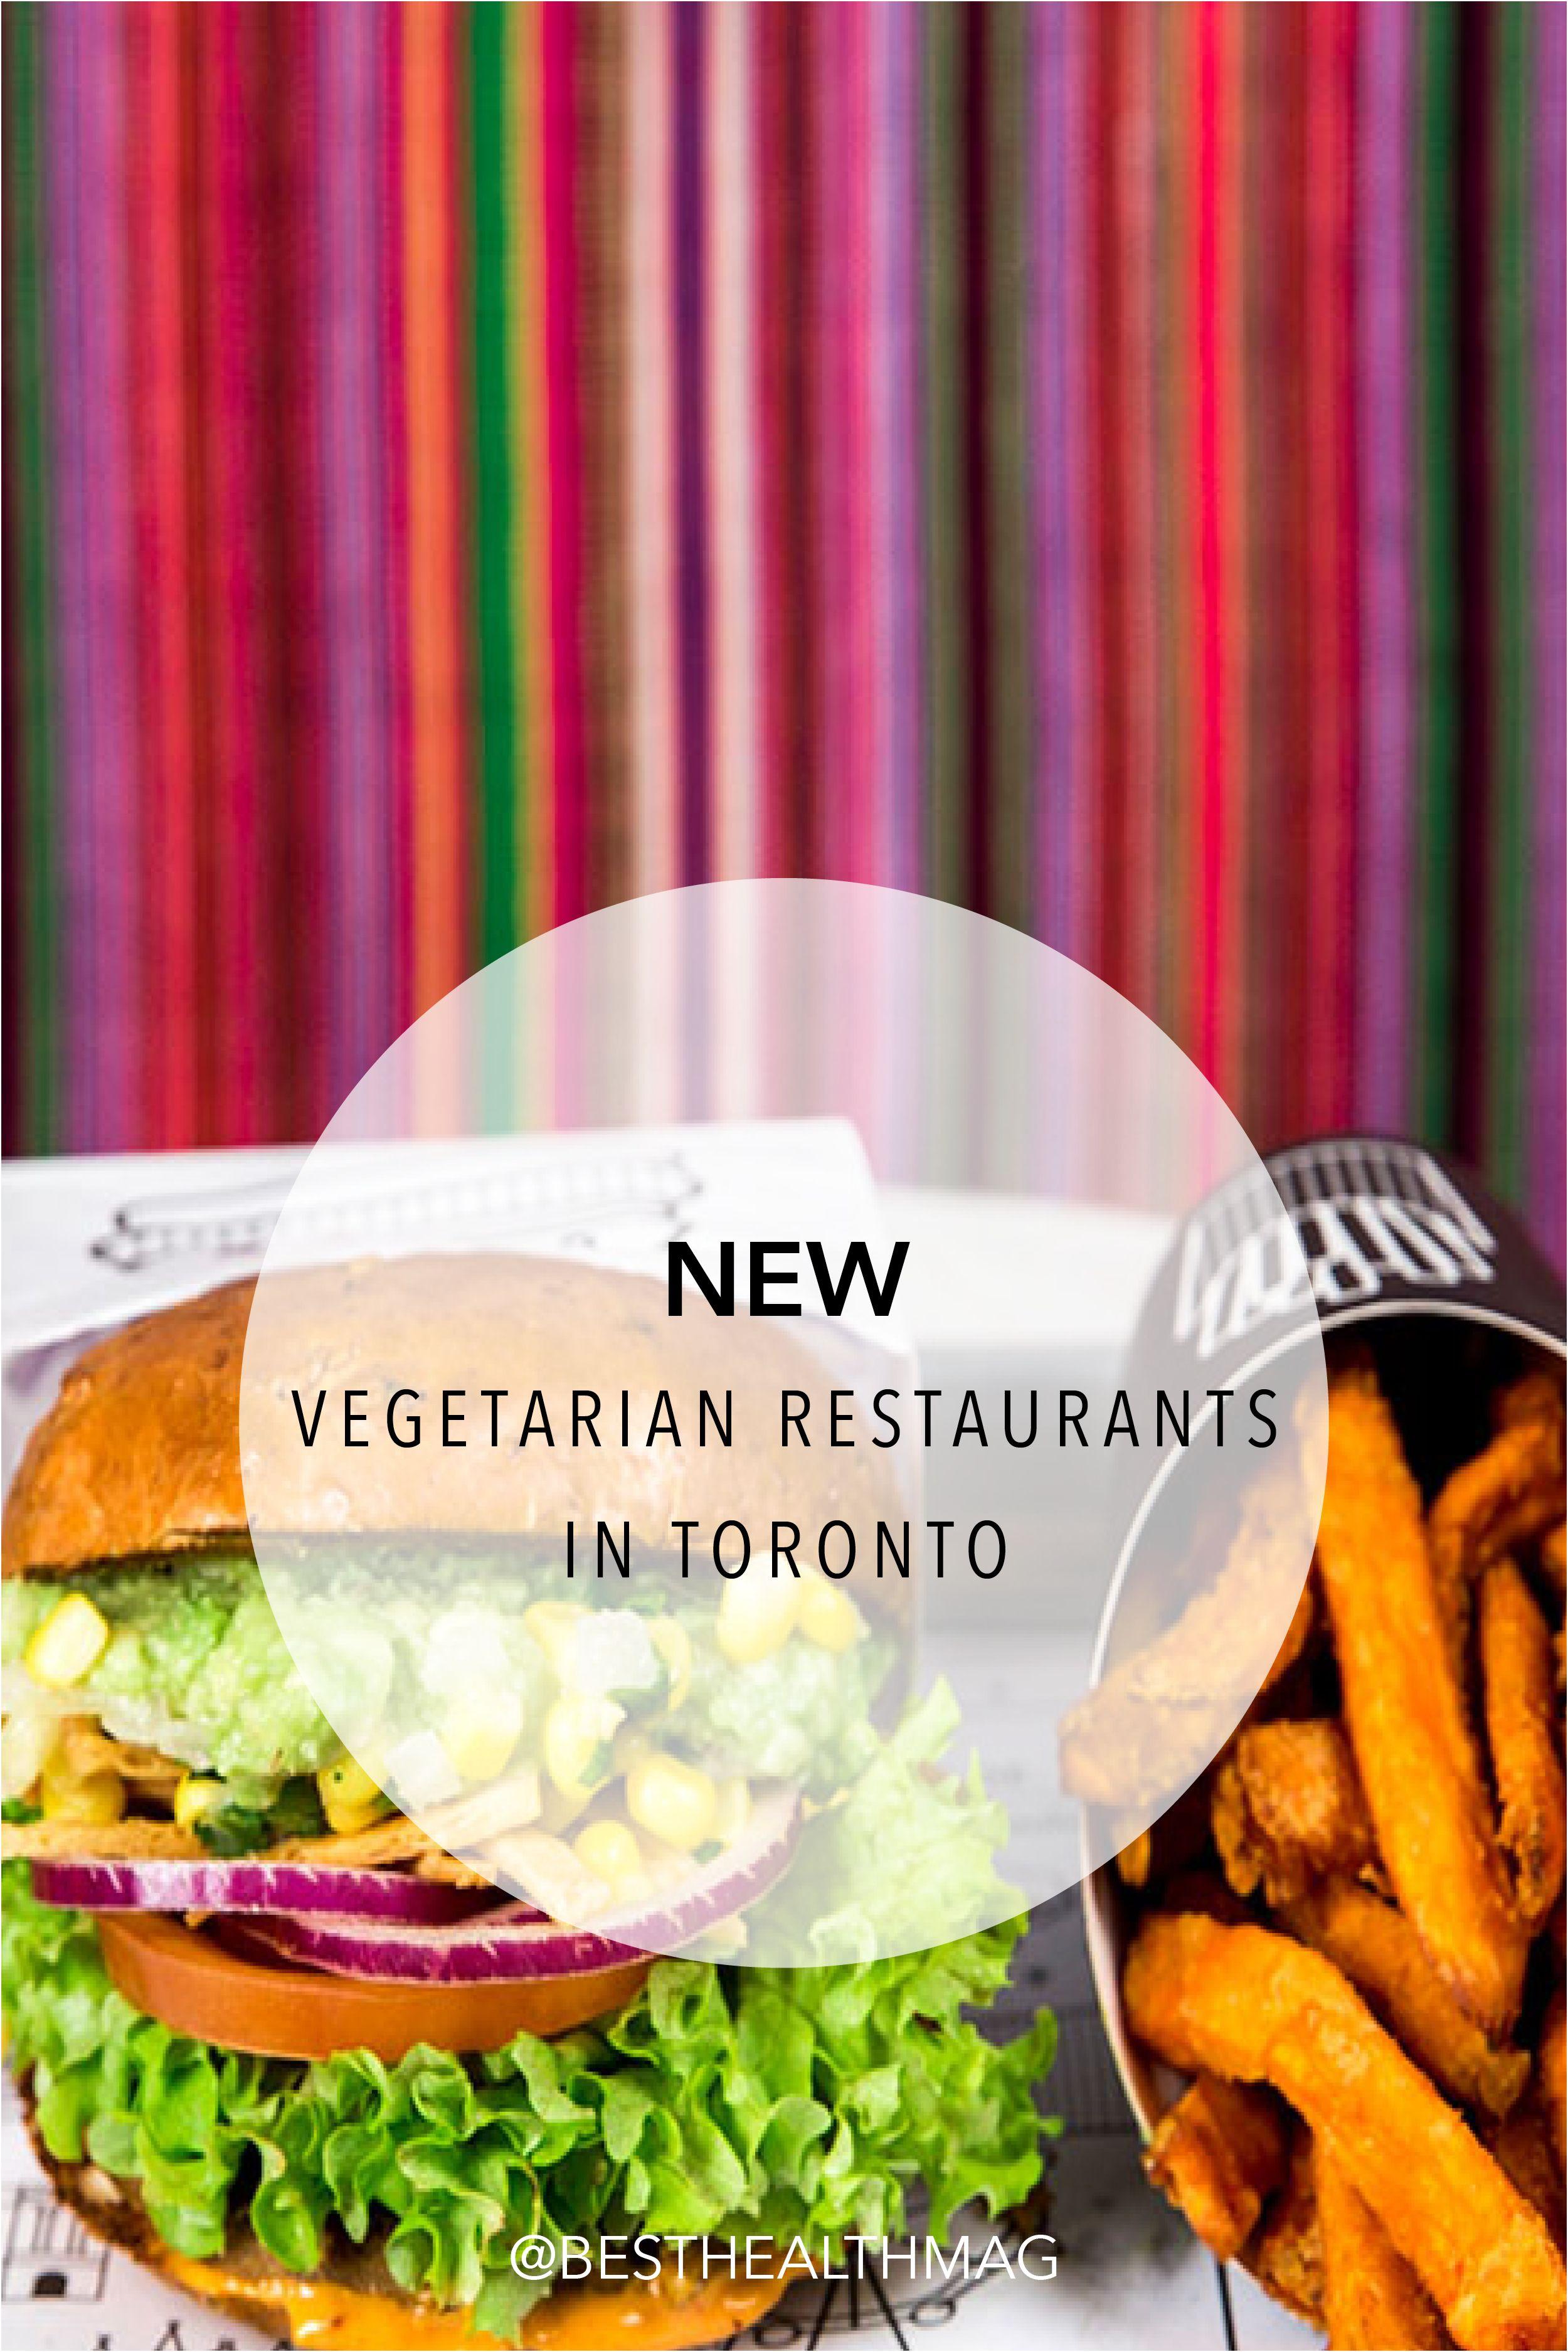 3 Amazing Vegetarian Restaurants Have Opened In Toronto In 2020 Healthy Restaurant Vegetarian Vegetarian Restaurant